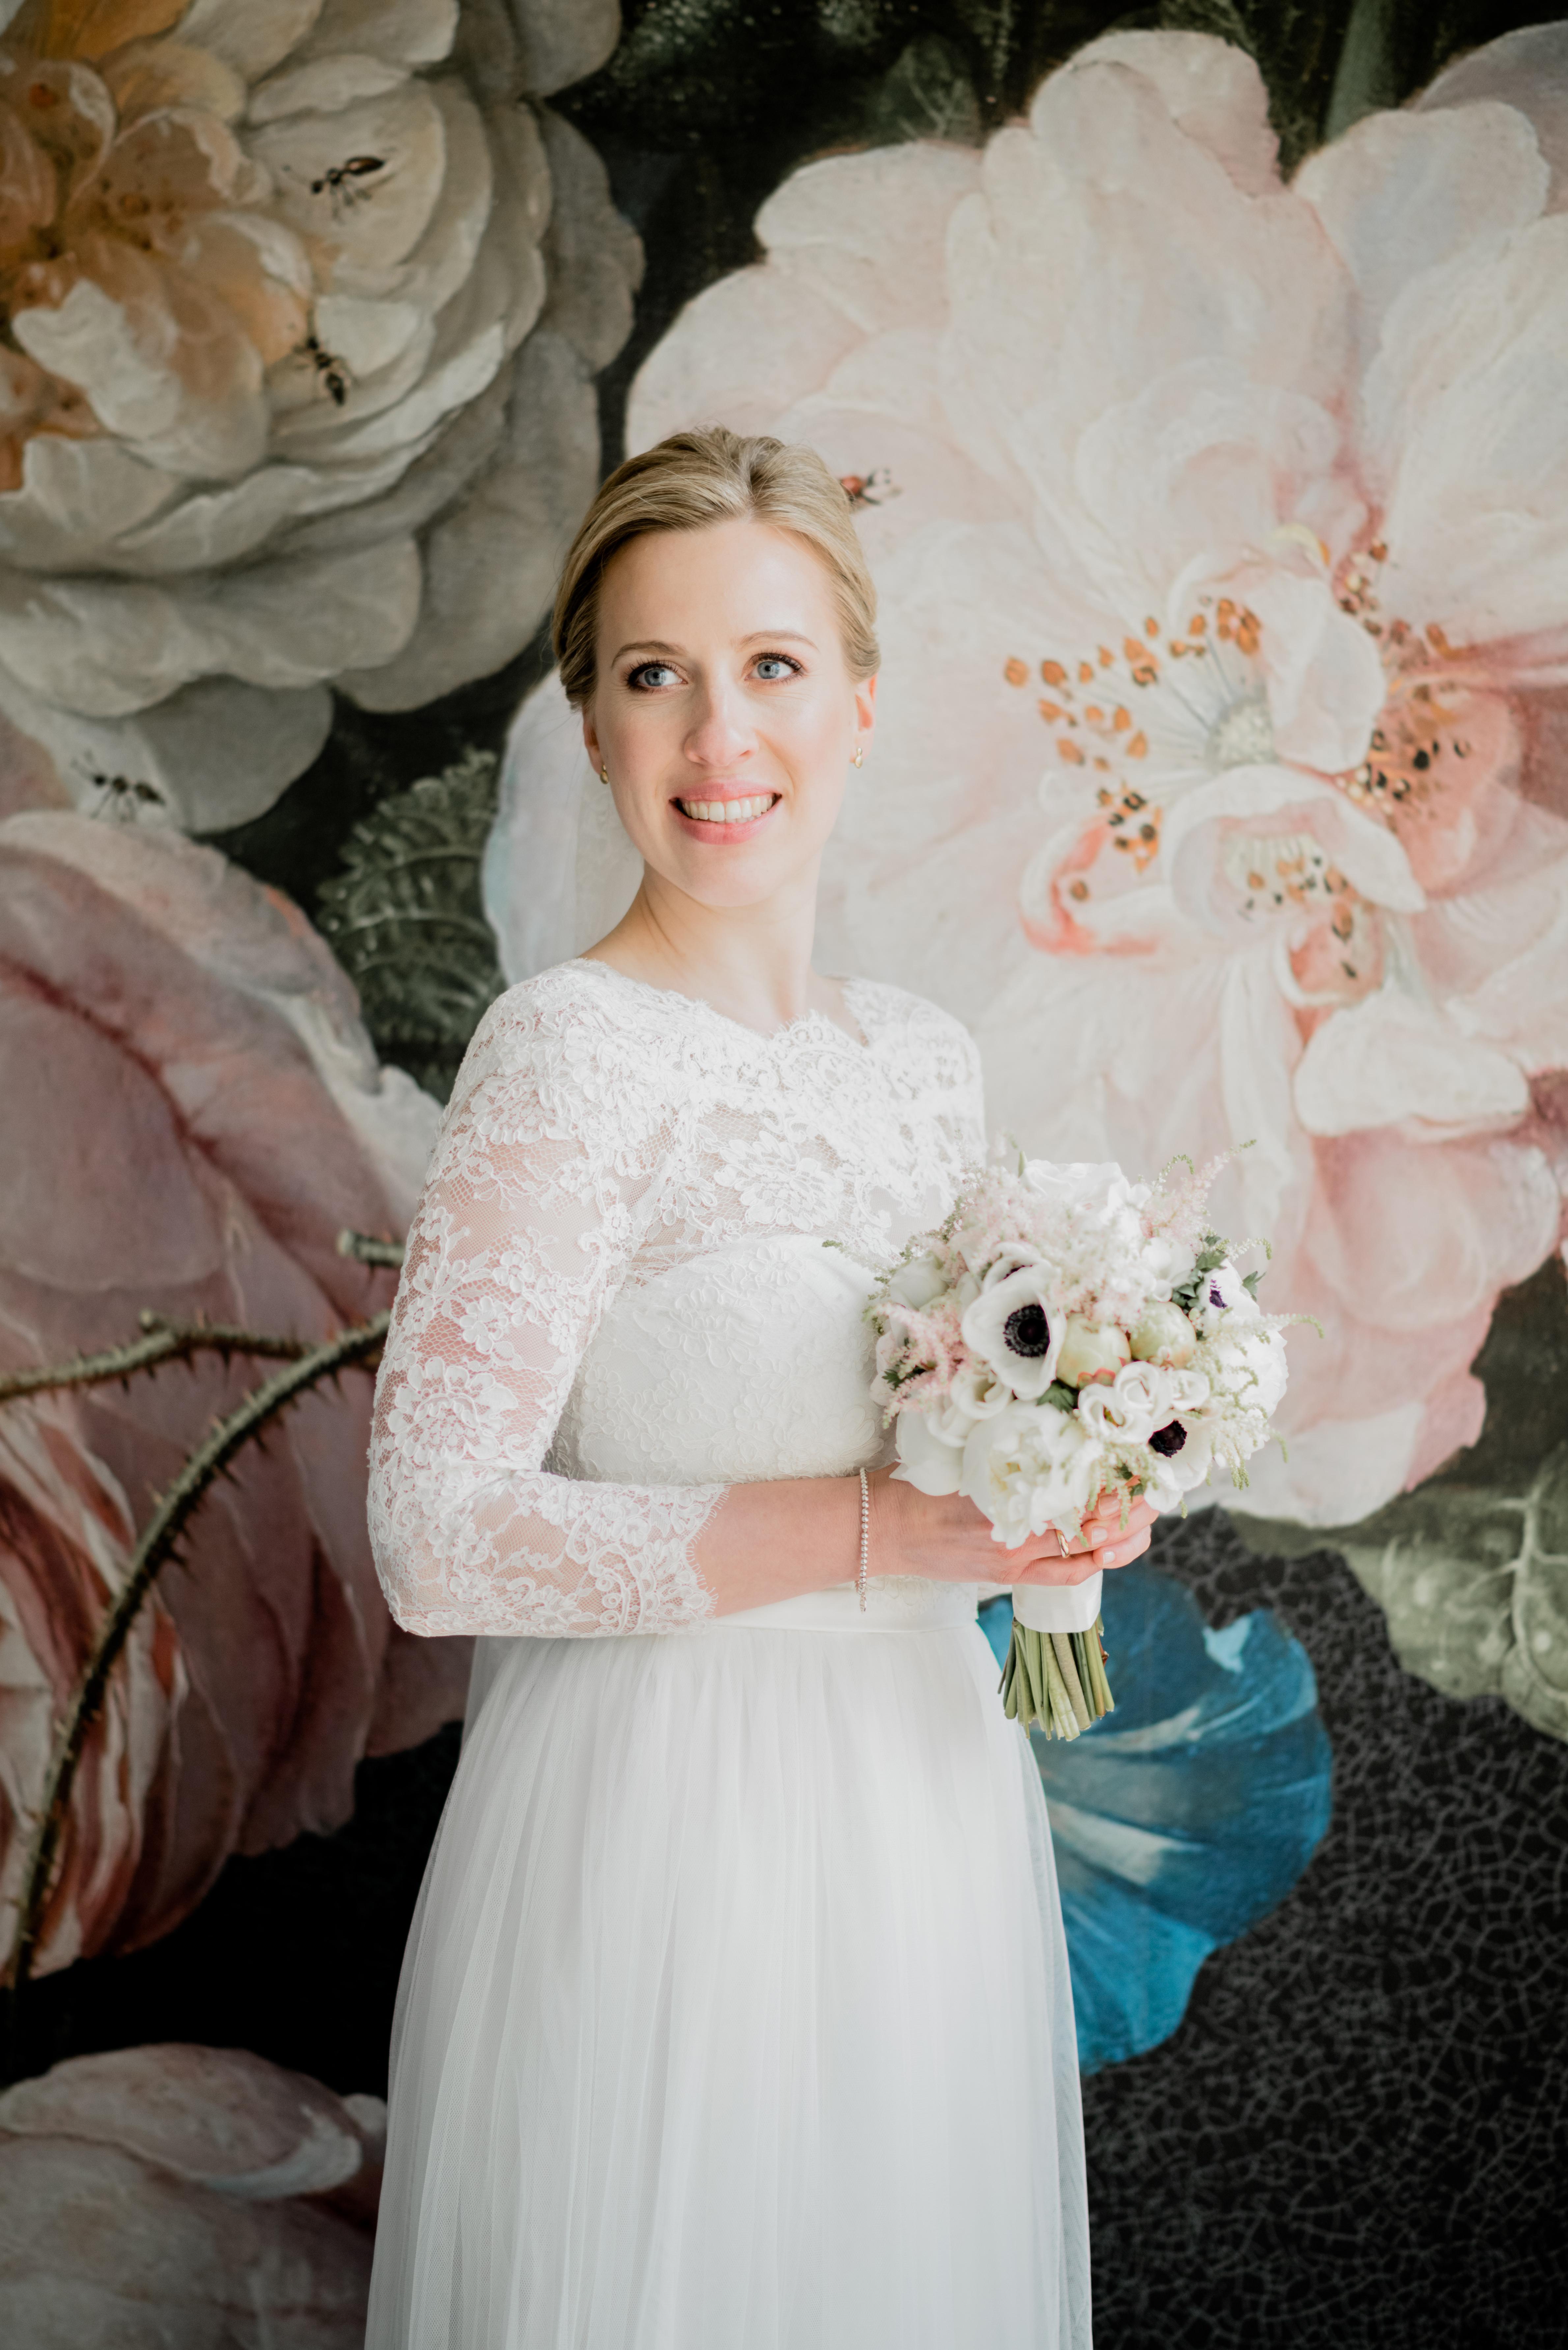 A+M-Hochzeit-auf-Gut-Kump-PENNIE+CAM-Paarshooting-99